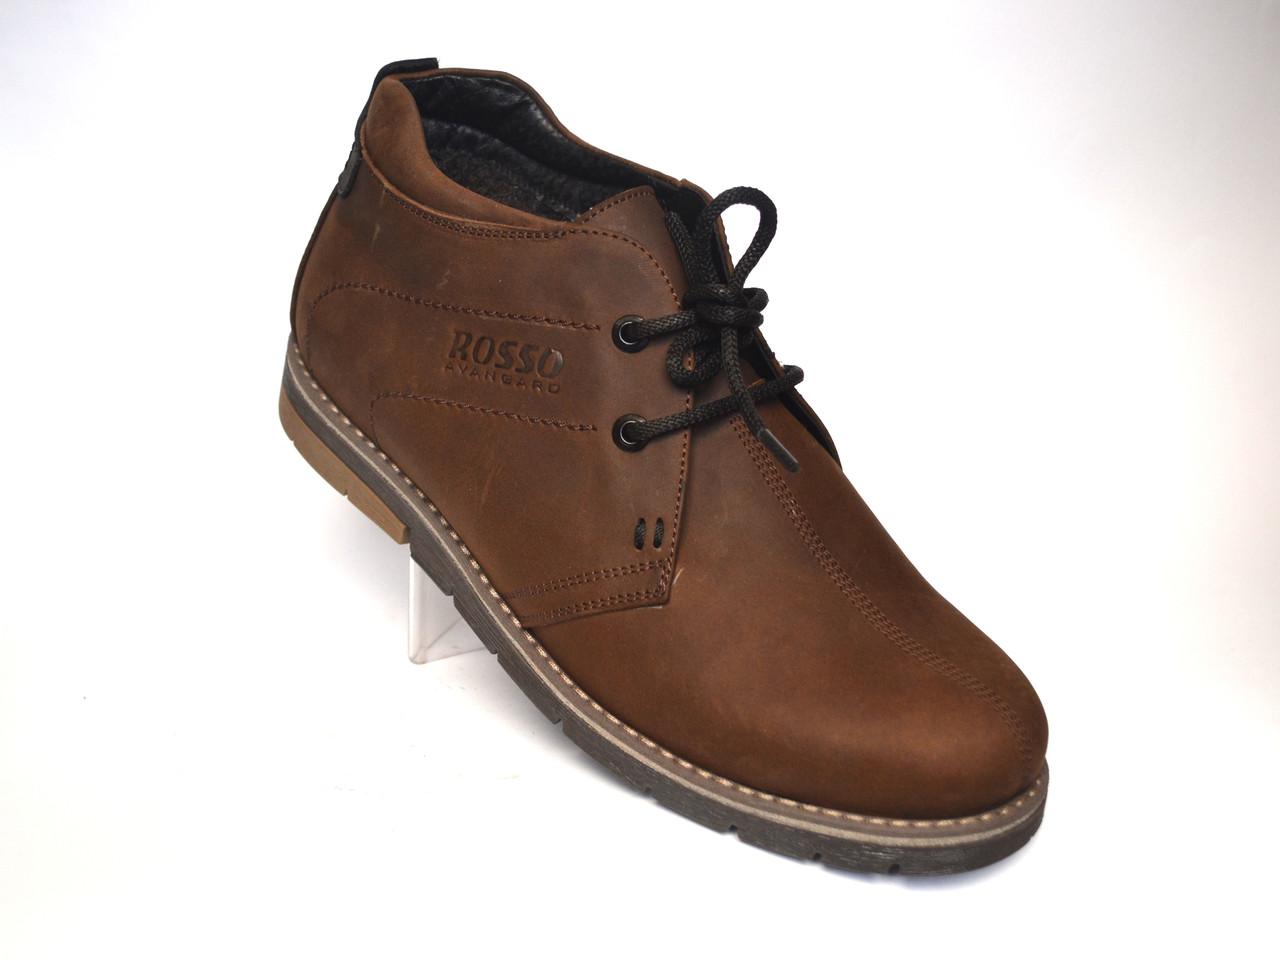 93af9c49e701 Коричневые зимние мужские ботинки дезерты кожаные Rosso Avangard. King  Brown -